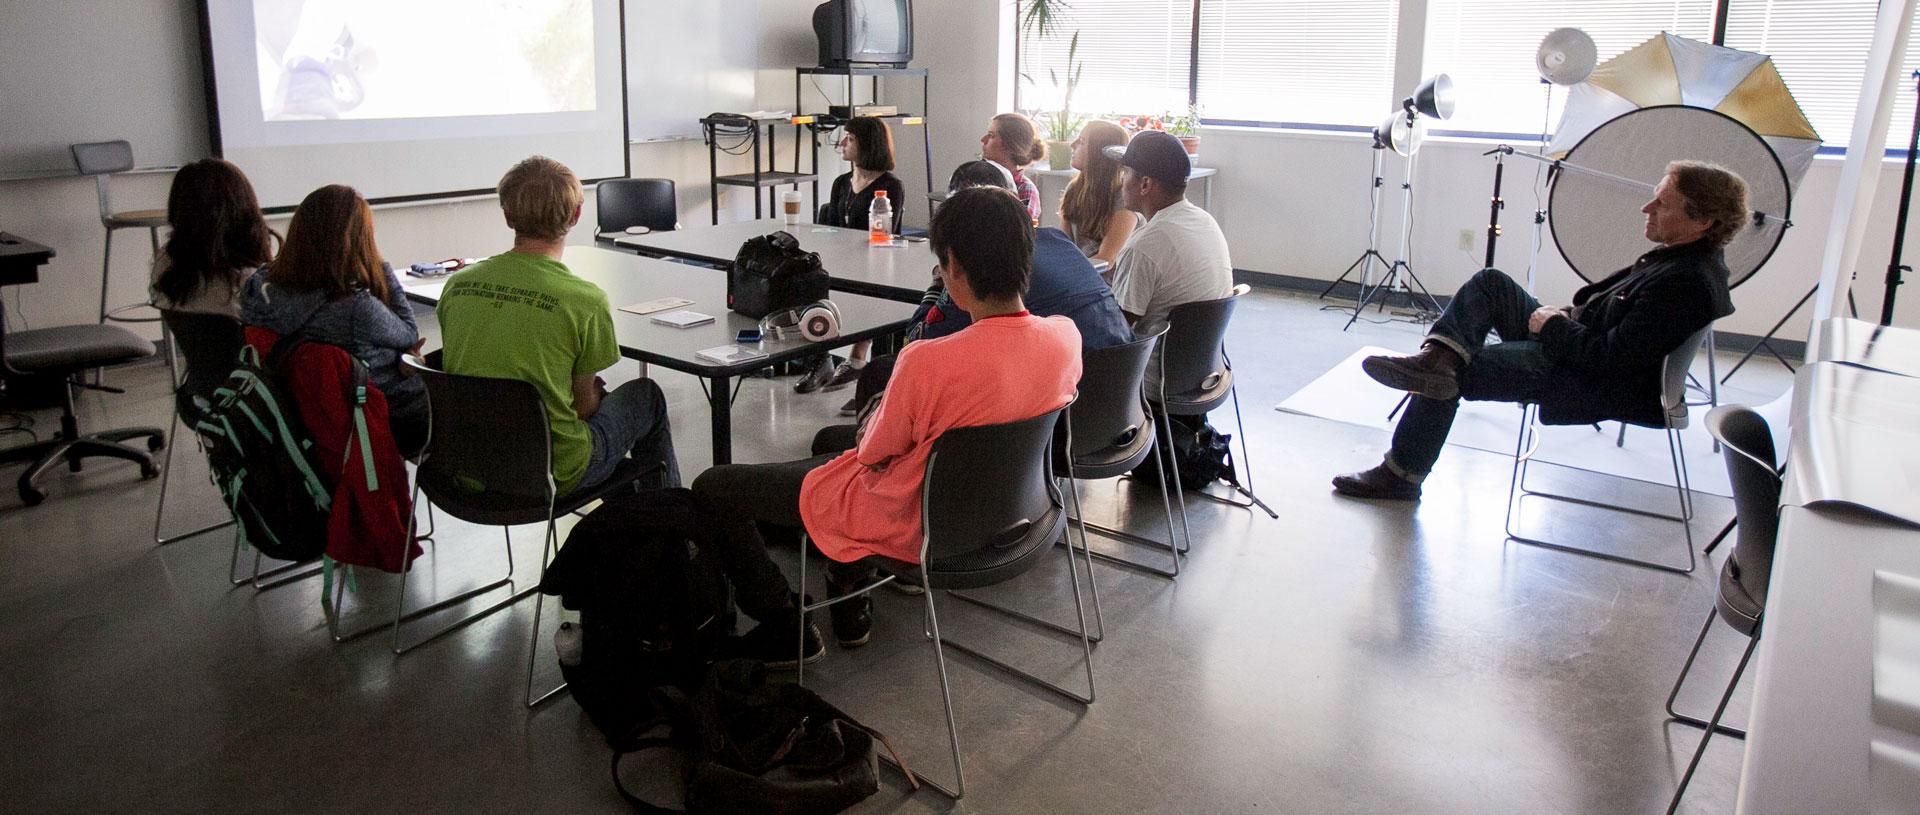 Undergrad Film Studies Class.